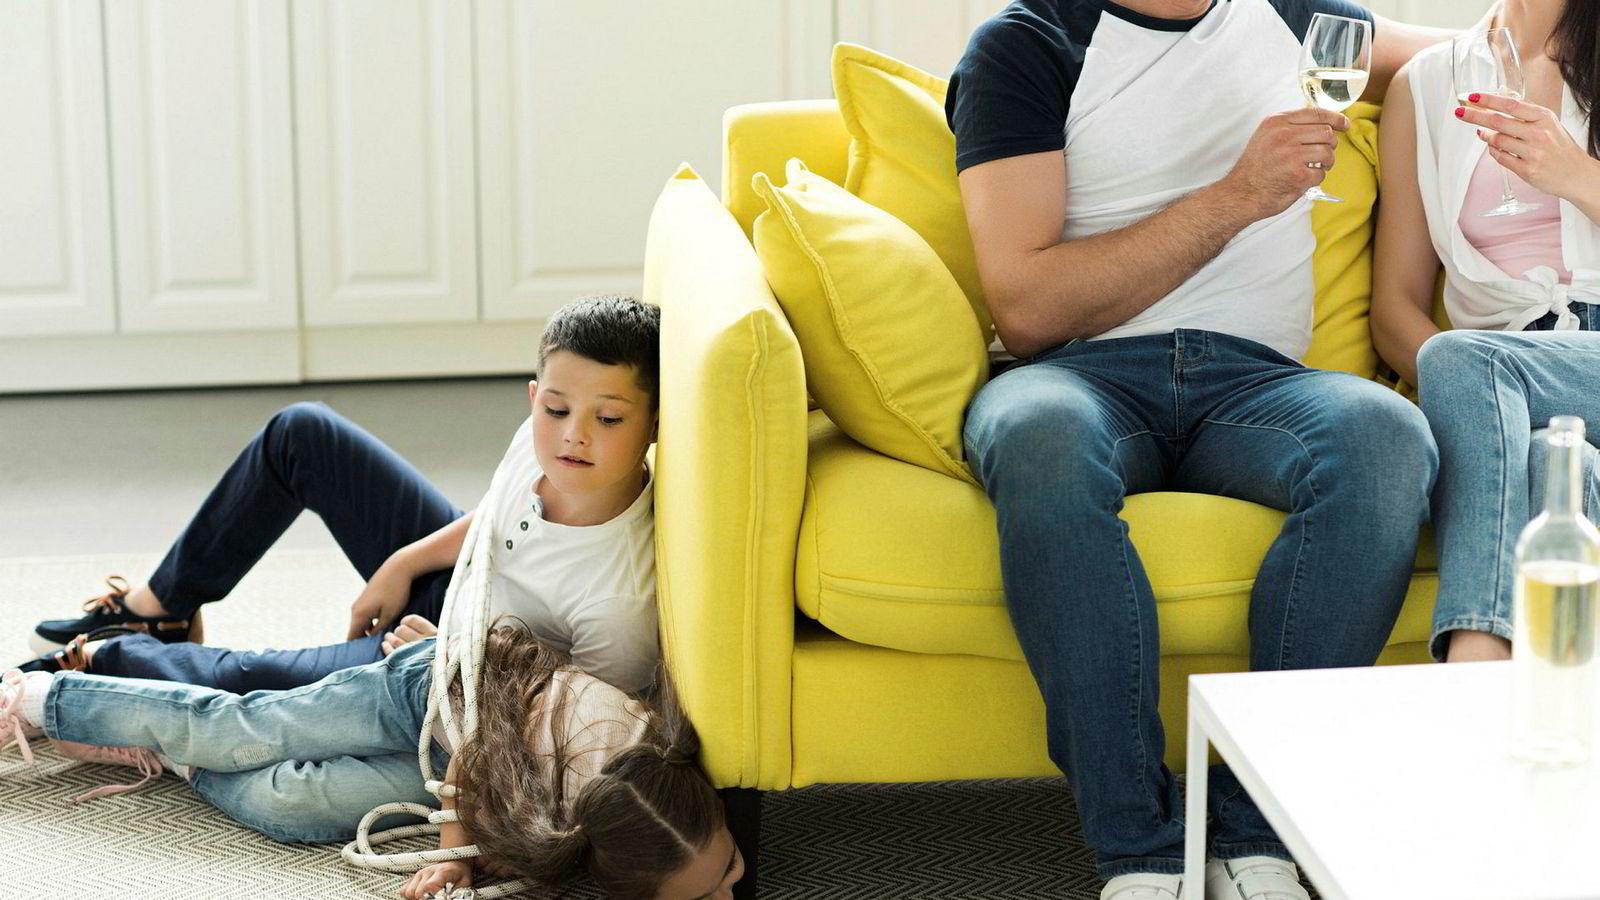 Med det norske drikkemønsteret, som karakteriseres av lavt alkoholkonsum på hverdager og høyt alkoholinntak i helger og høytider, er det sannsynlig at mange barn opplever å se foreldrene sine påvirket av alkohol.